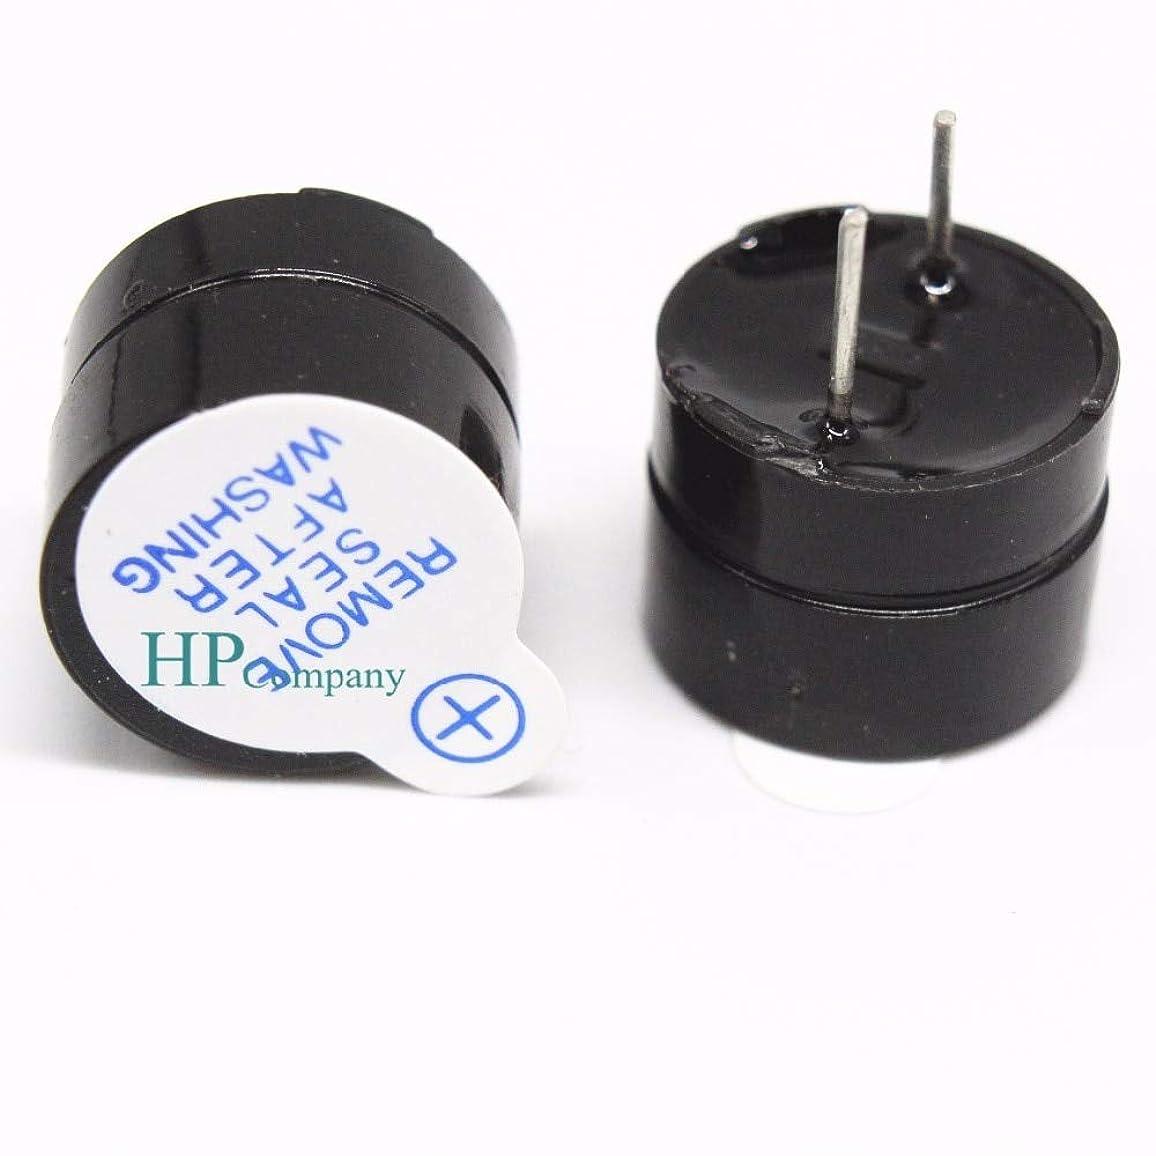 シビック自己うねるWillBest 10PCS Active buzzer split 12095 DC SOT Plastic Sealing tube 5V long sound 12 * 9.5mm foot Distance 7.6mm